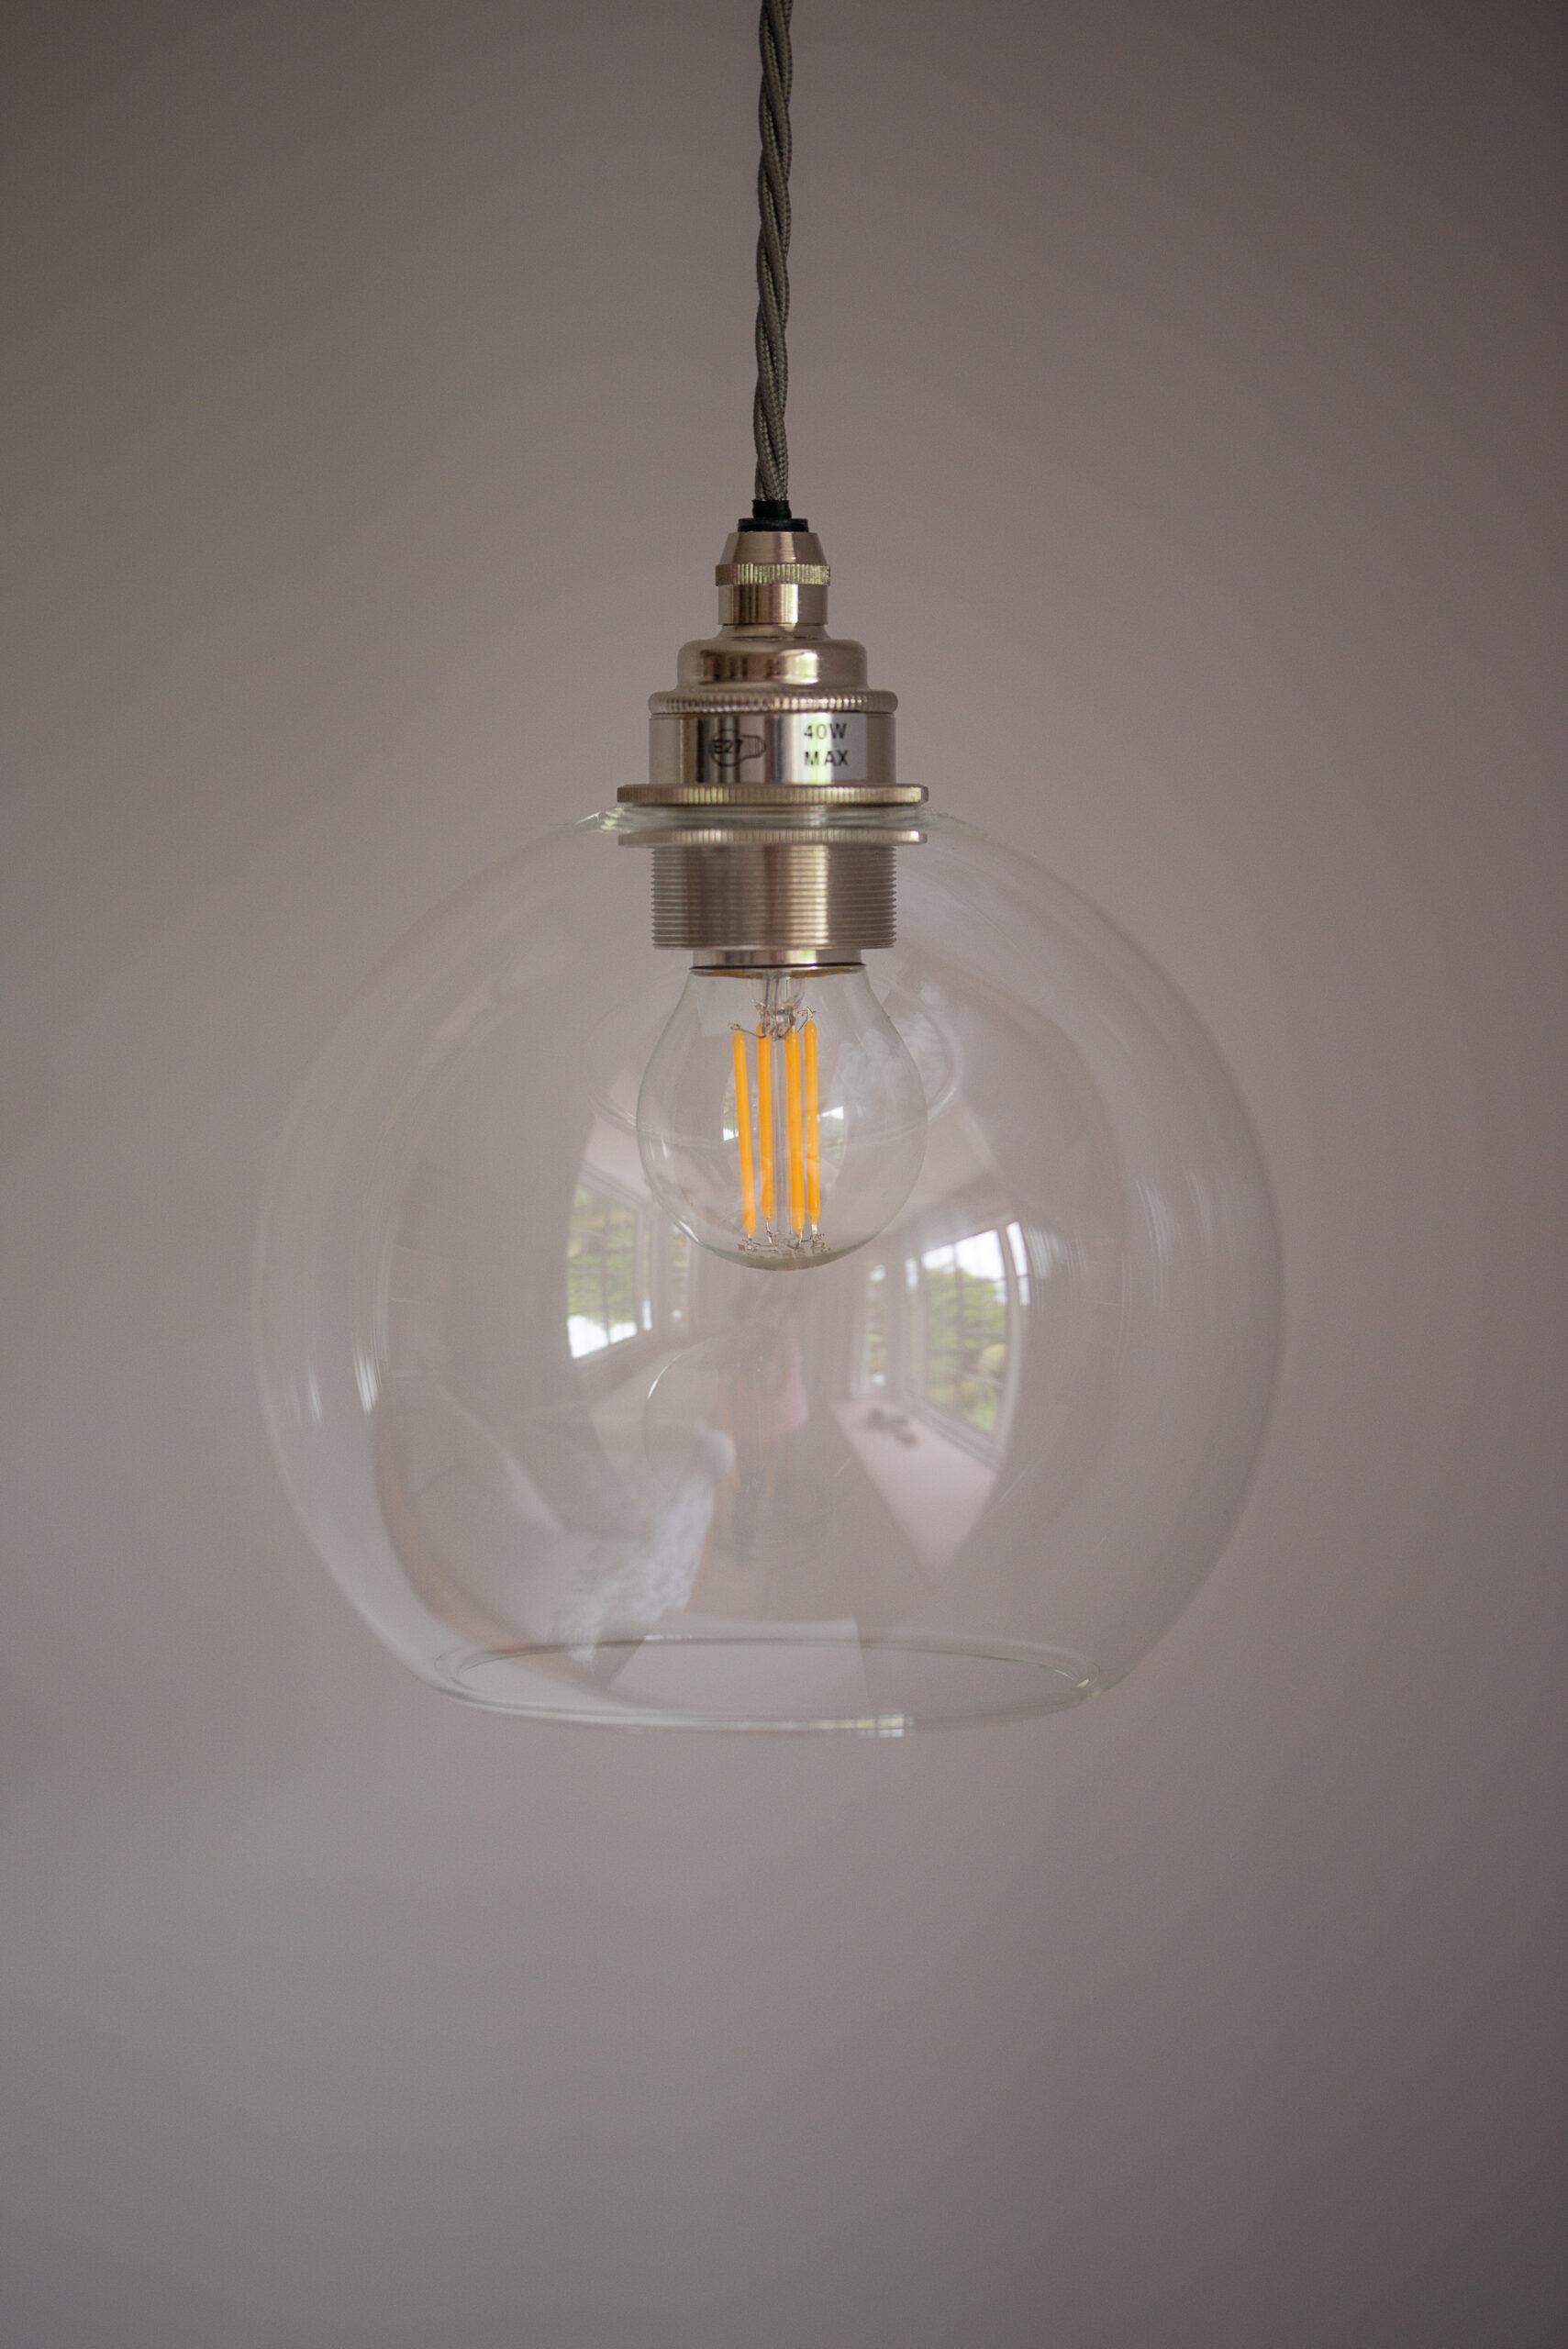 Lightbulb Goring